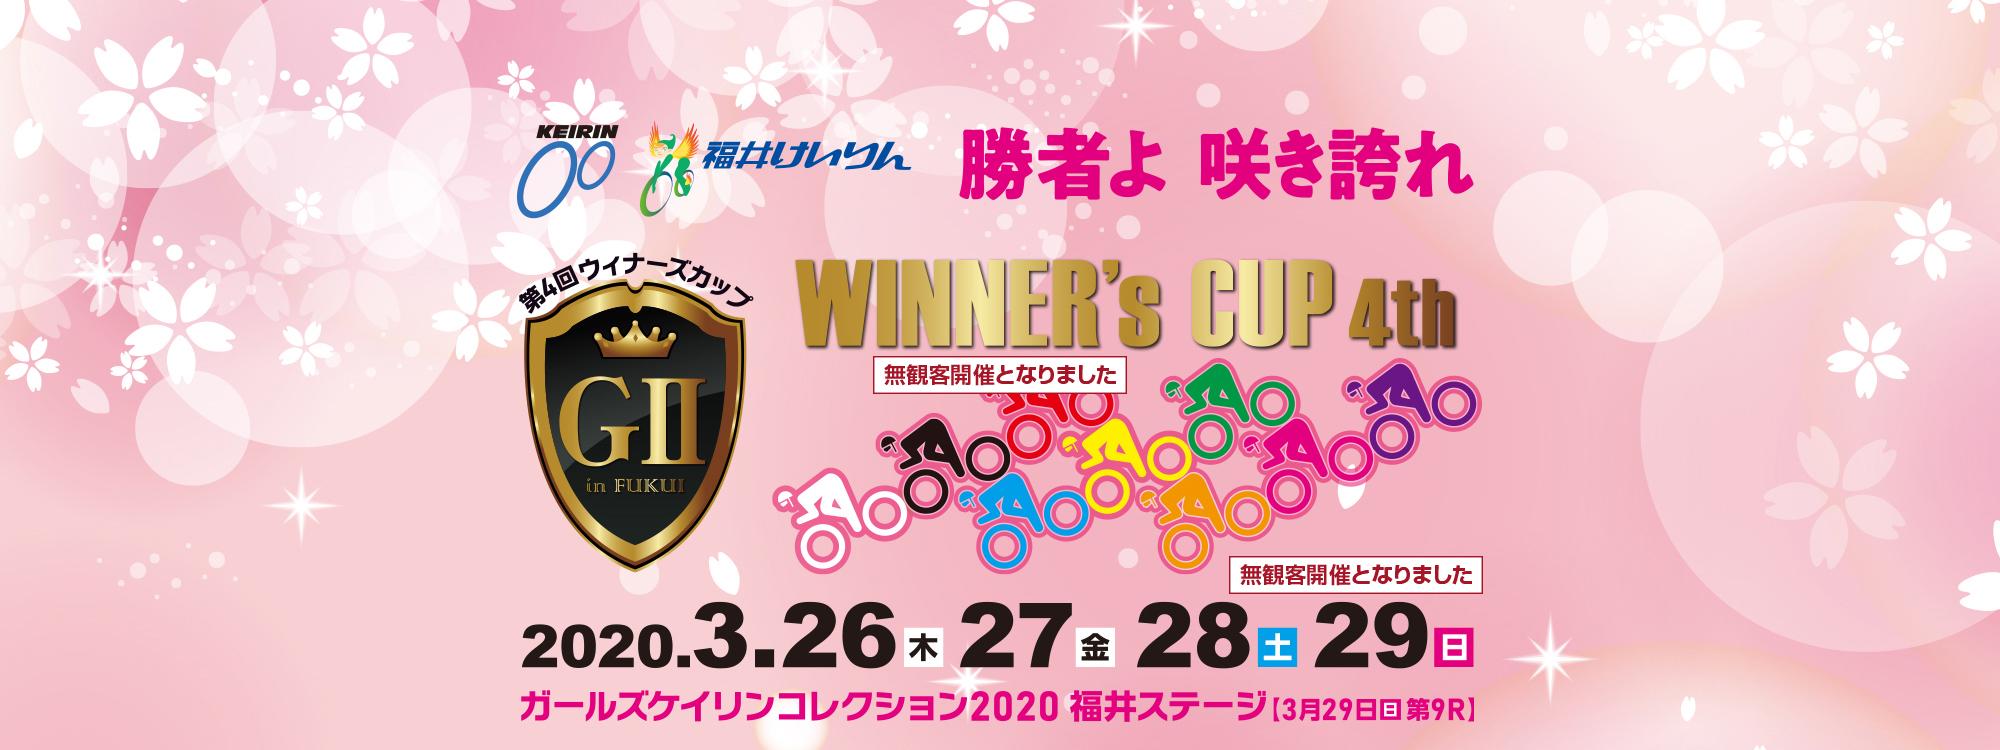 【福井競輪場】GⅡウィナーズカップ2020 無料予想